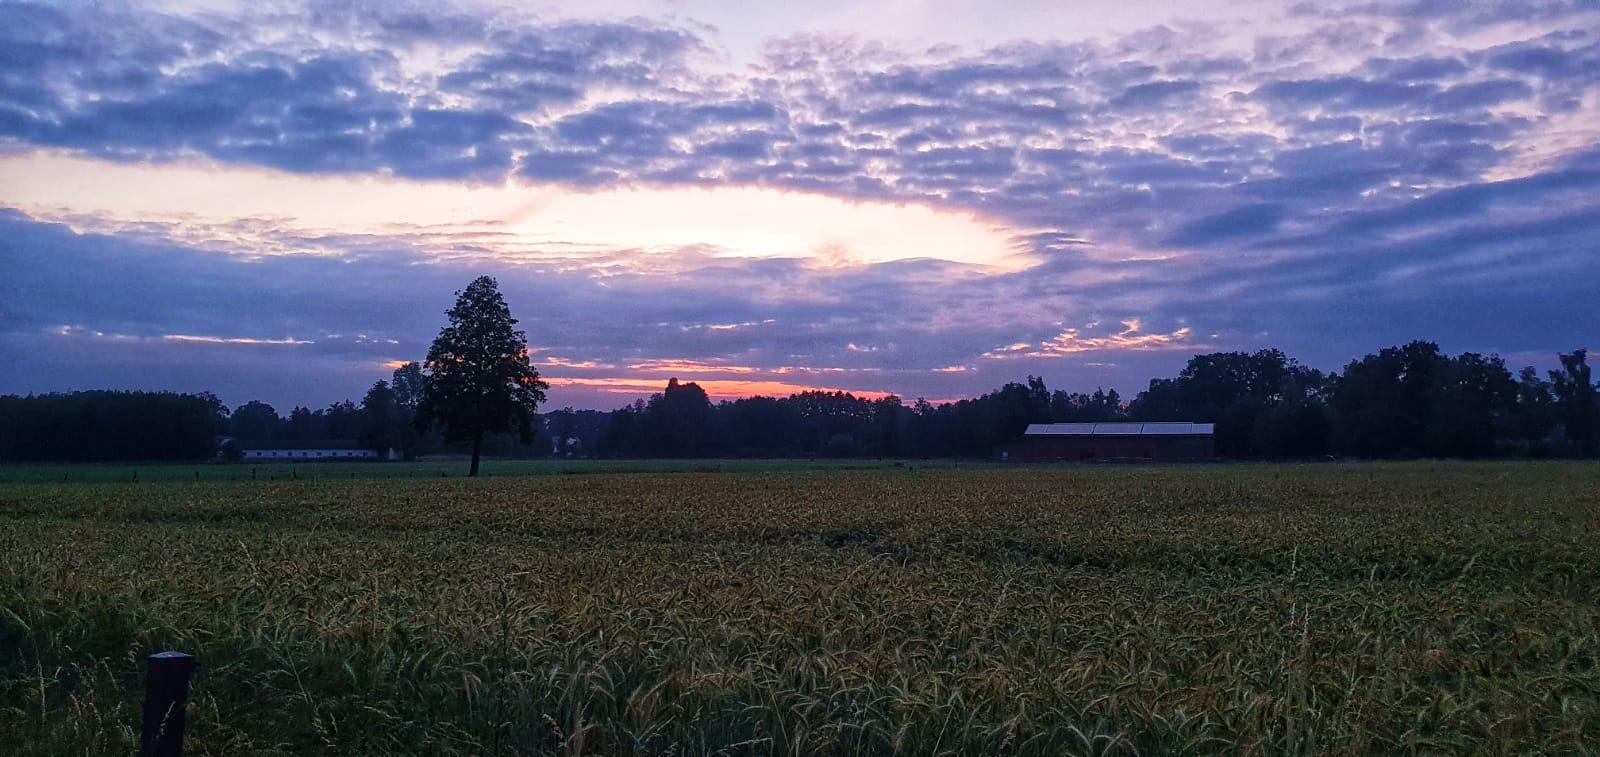 Schirbel-Sigrid-23-Challenge-Sonnenaufgang-8z0CF